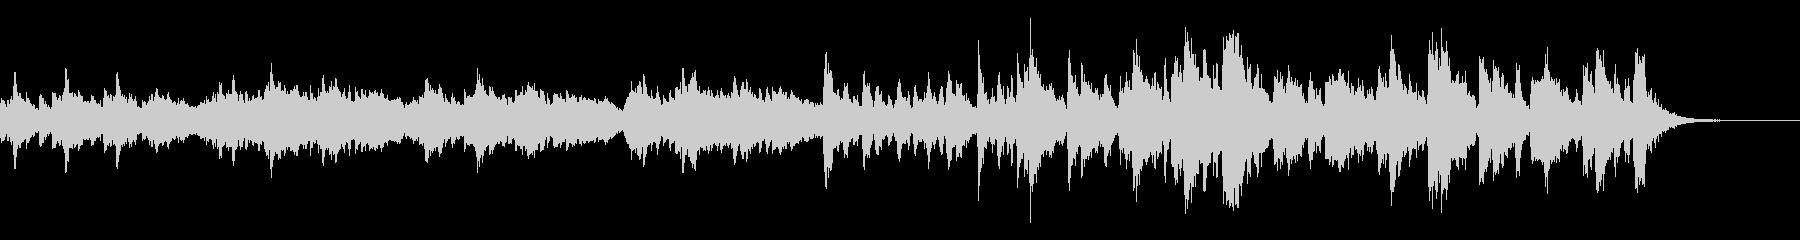 ショートBGM、シネマティックの未再生の波形